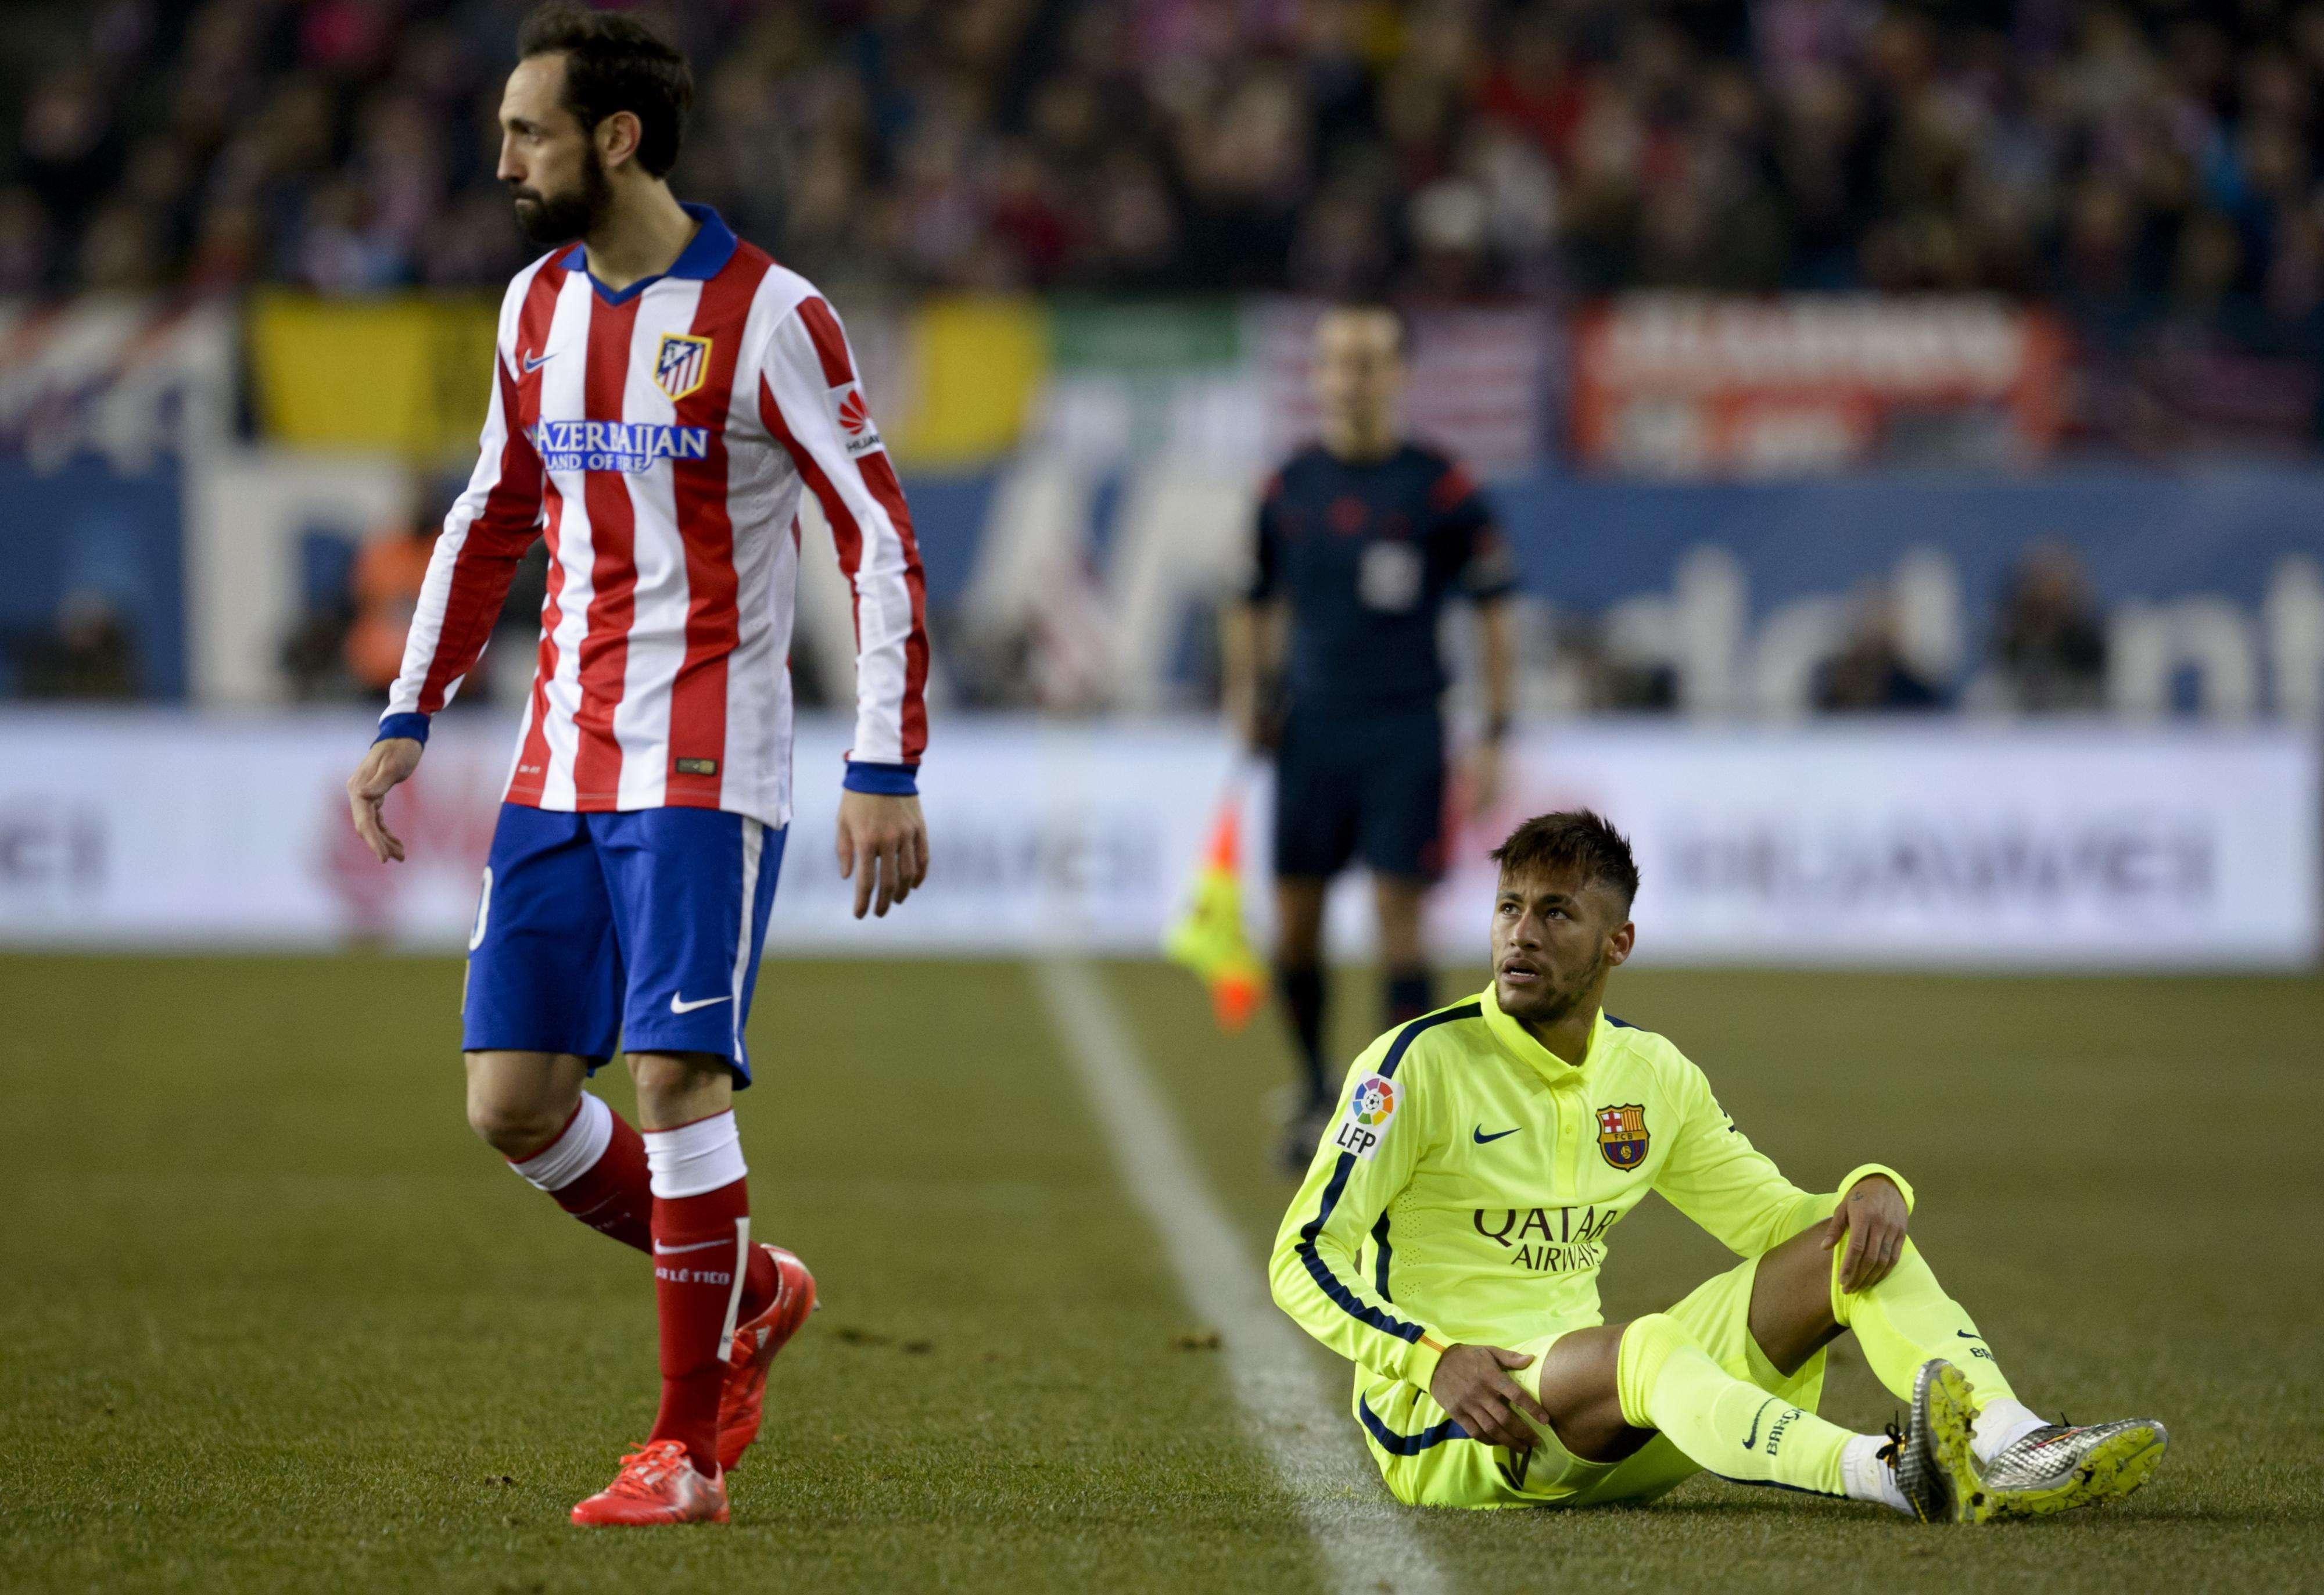 """Discussão entre Neymar e Juanfran terminou com gesto de """"7"""" do espanhol, em clara referência ao 7 a 1 da Alemanha na Copa de 2014 Foto: Dani Pozo/AFP"""